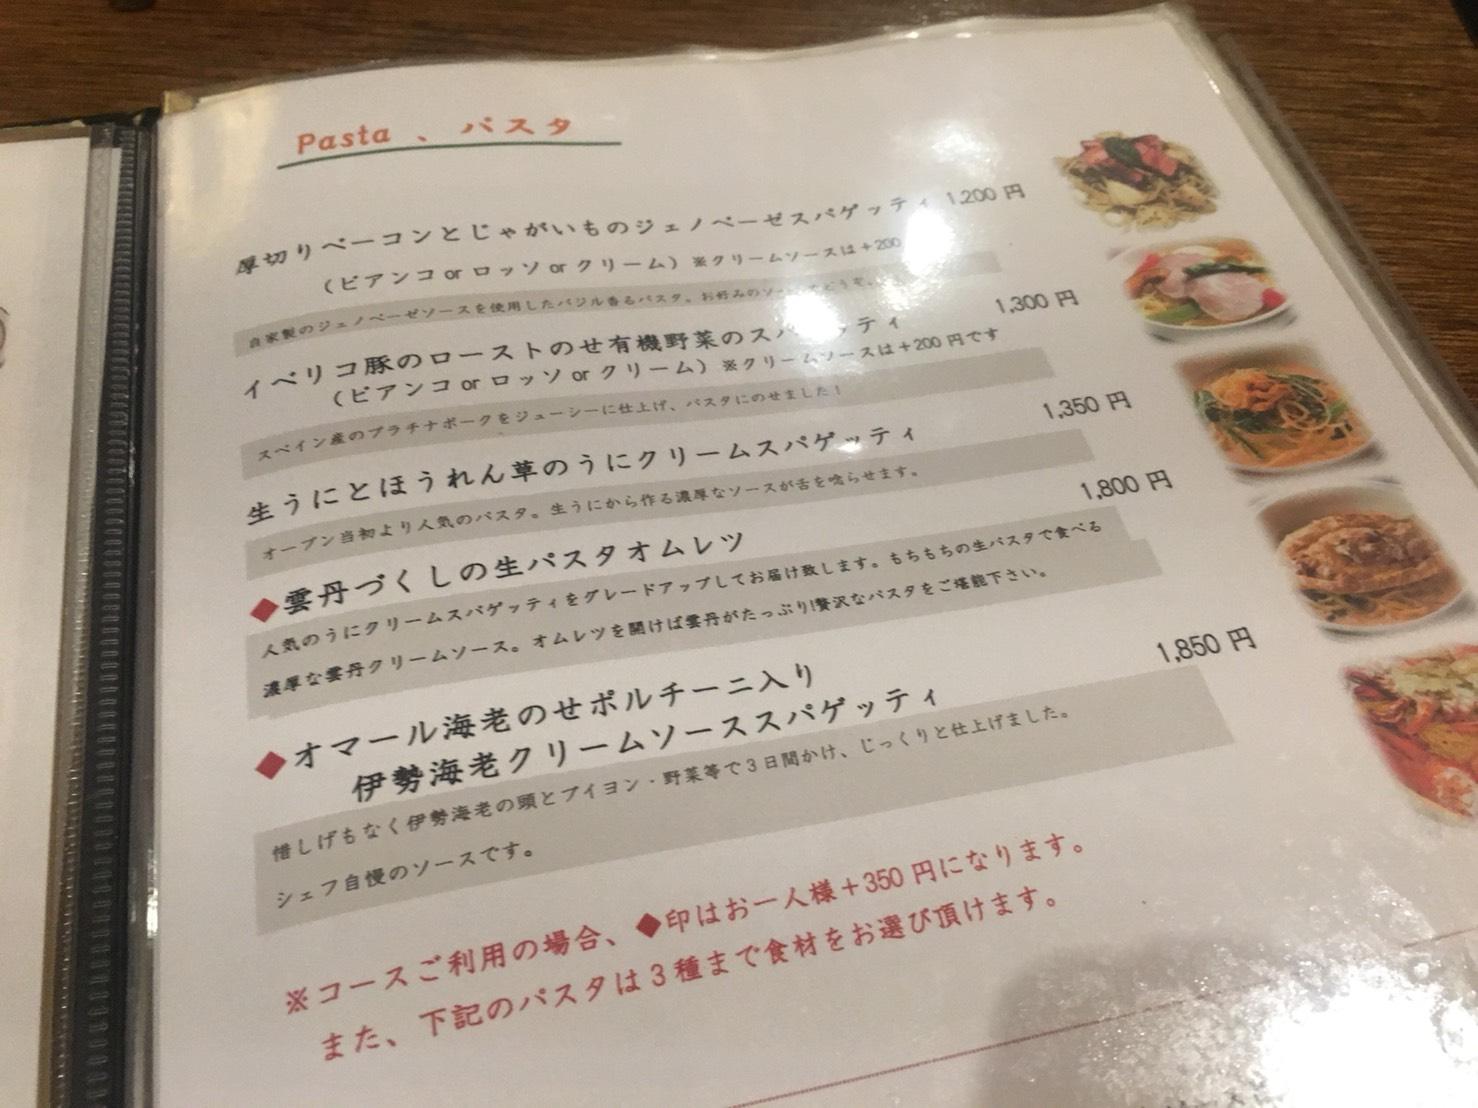 【池袋駅】おっとり系イタリアン「トラットリア・コン・アマーレ」のメニュー4